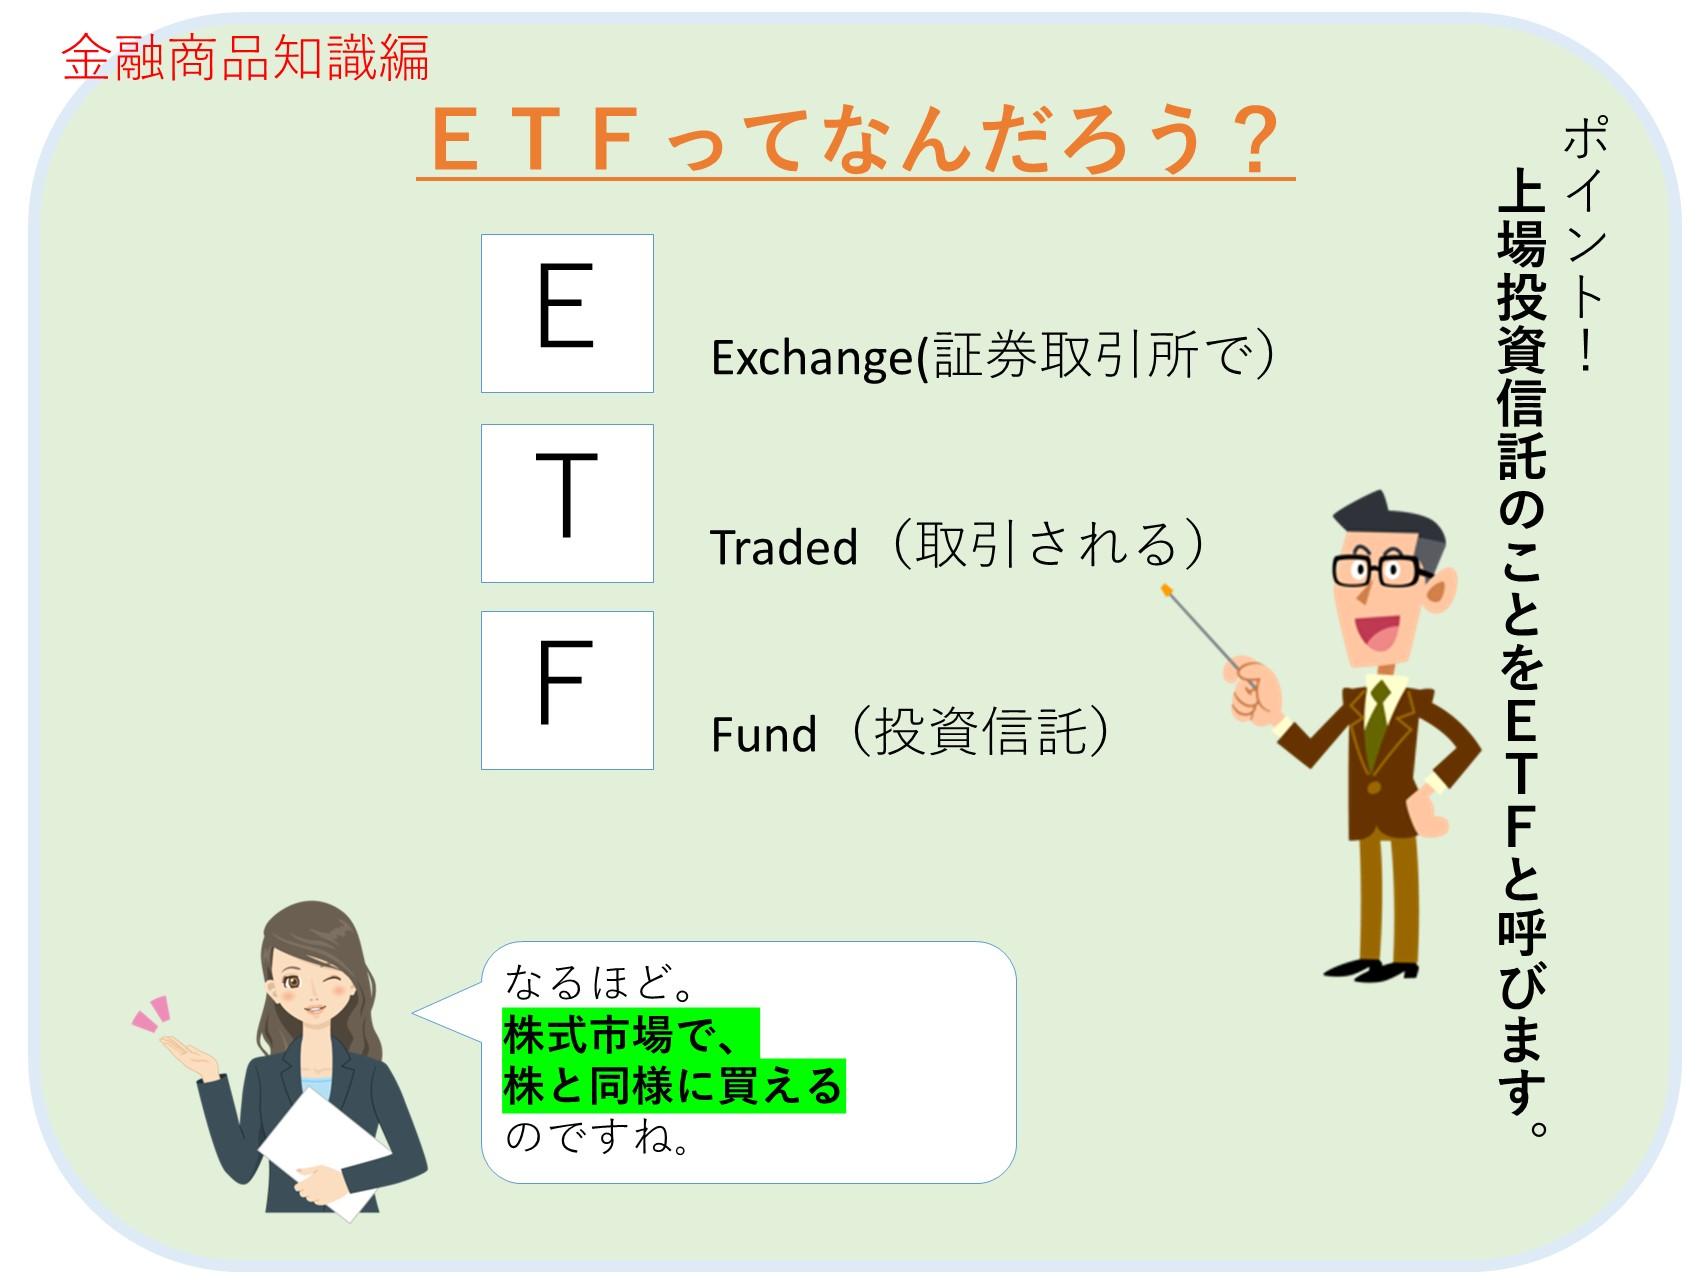 ETFとは上場投資信託のこと